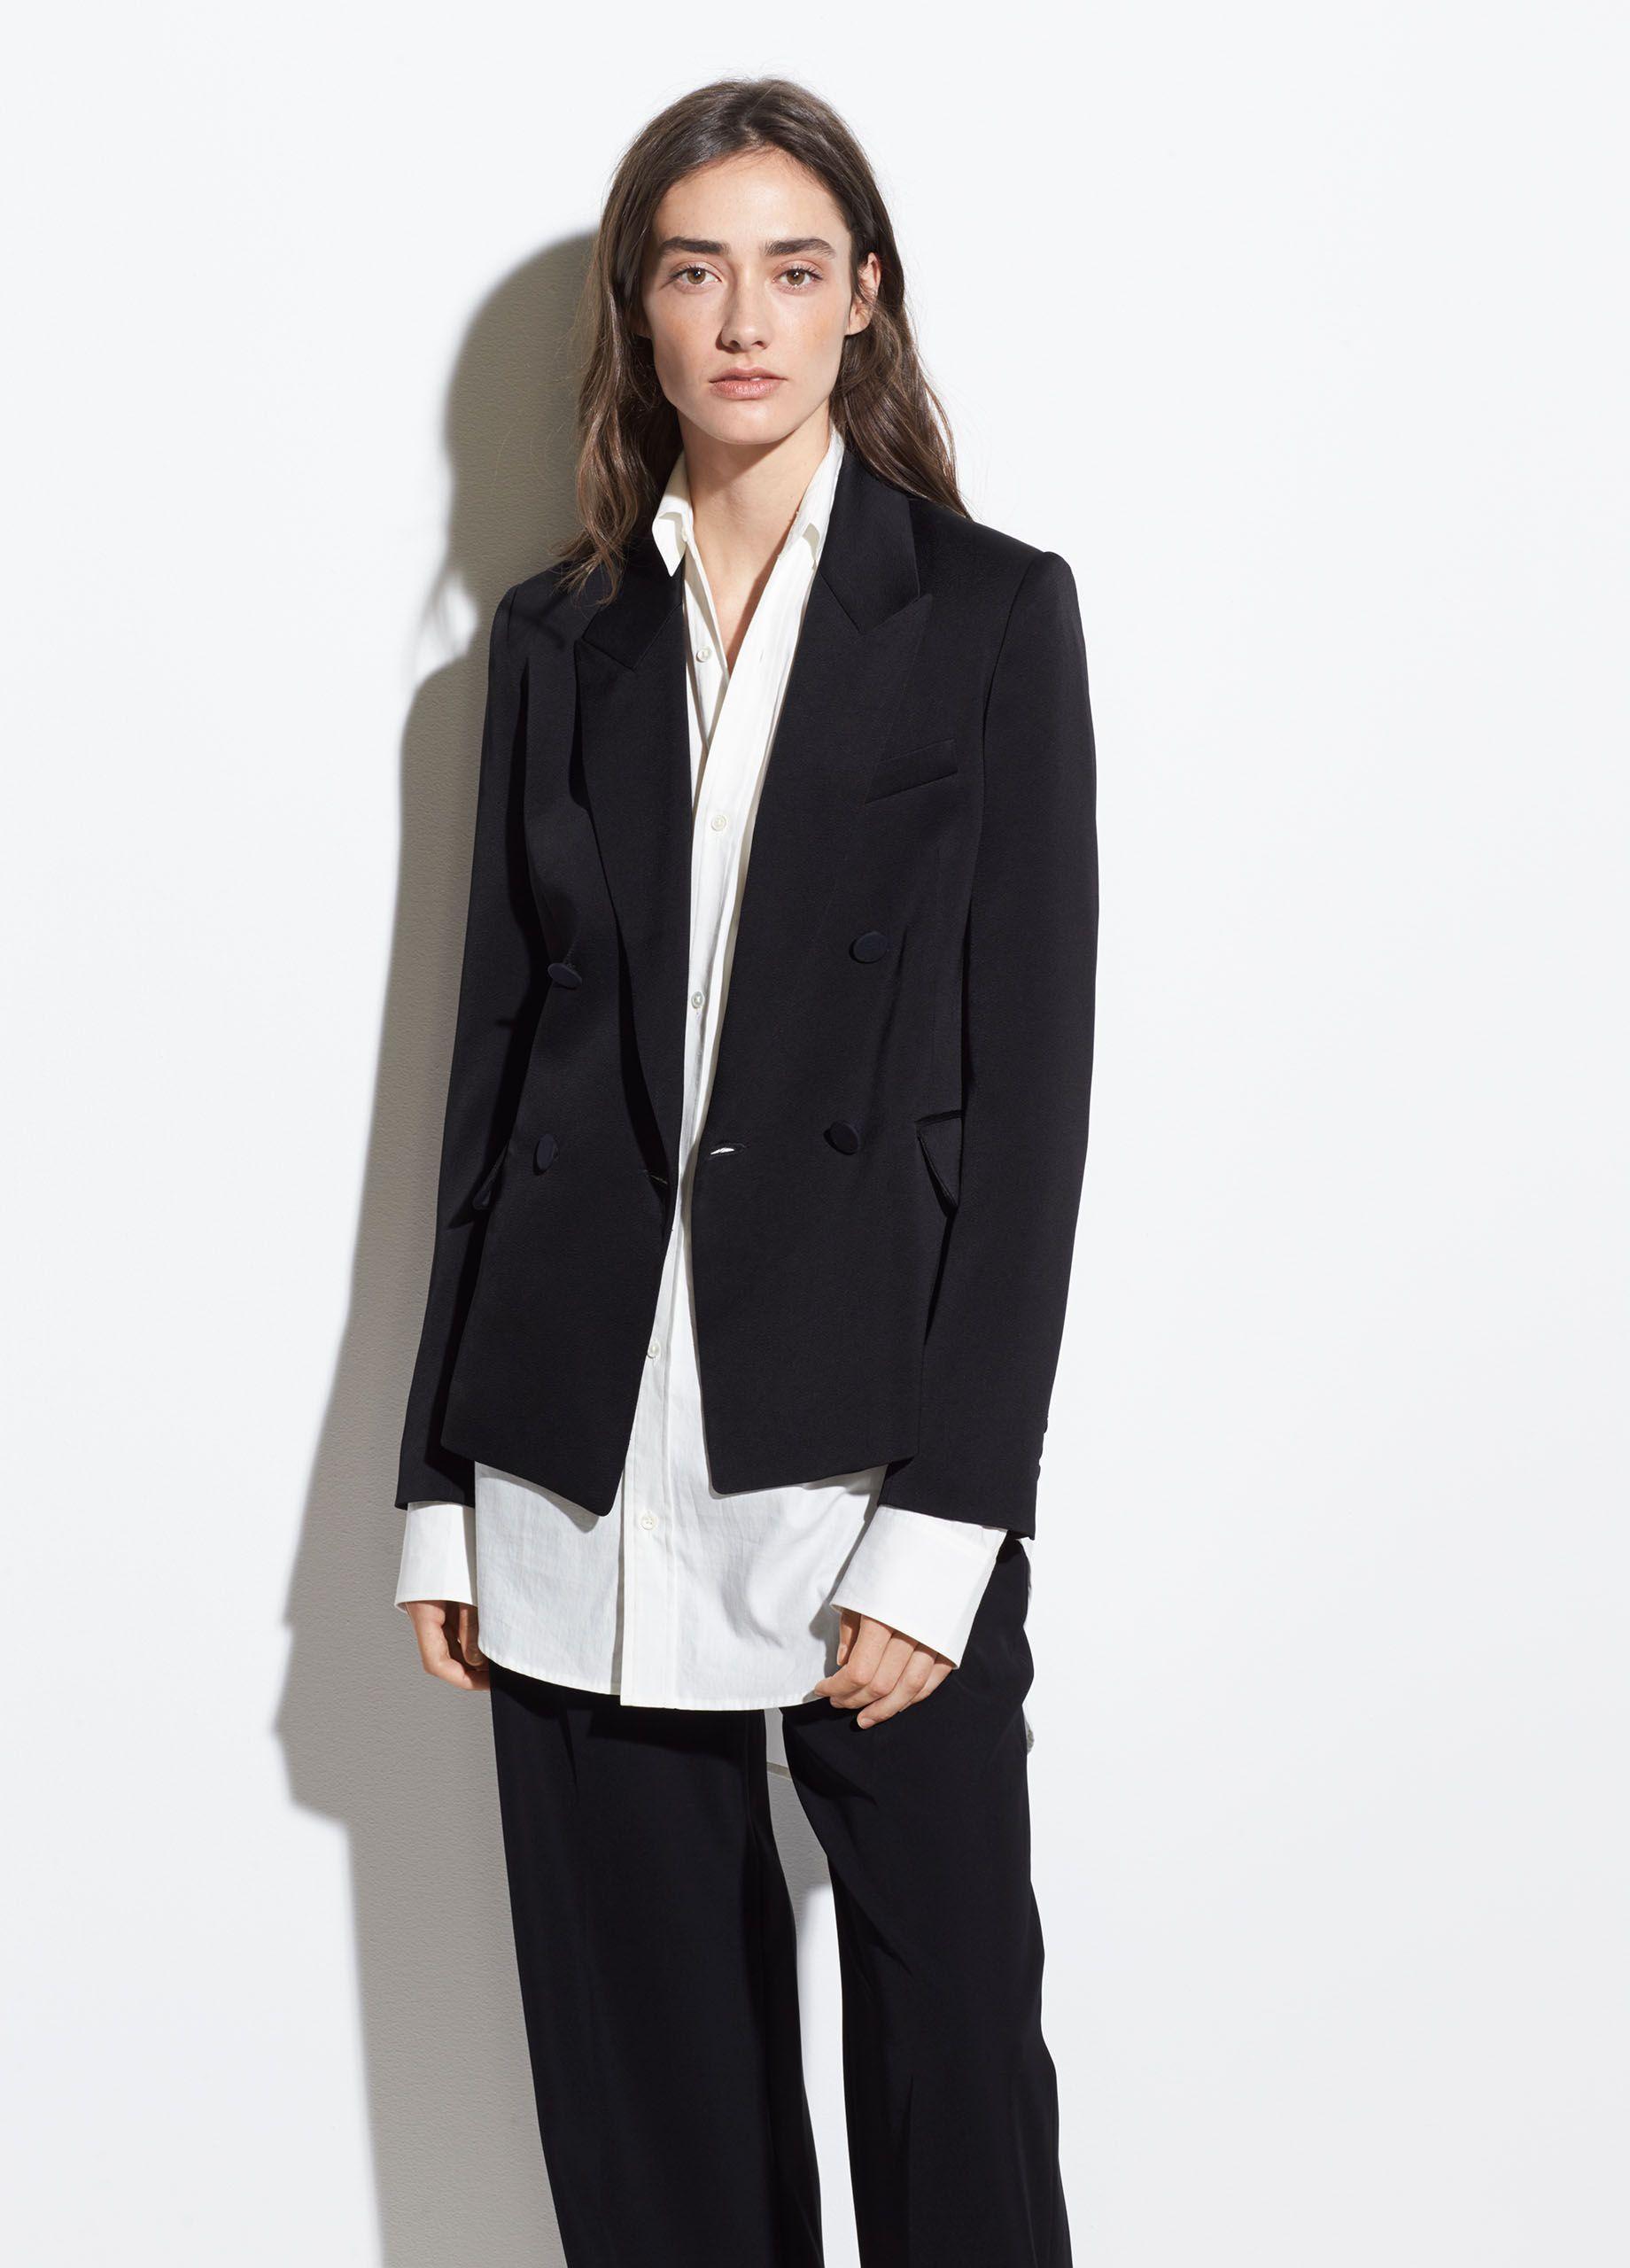 99c540a89a Sites-vince-Site - Vince Older Women Fashion